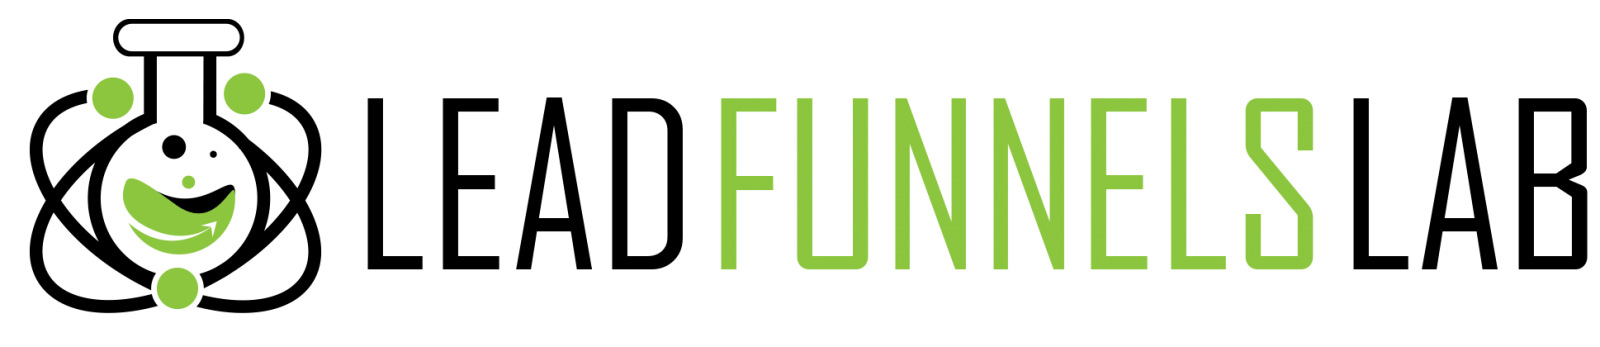 LFL_logo-wide